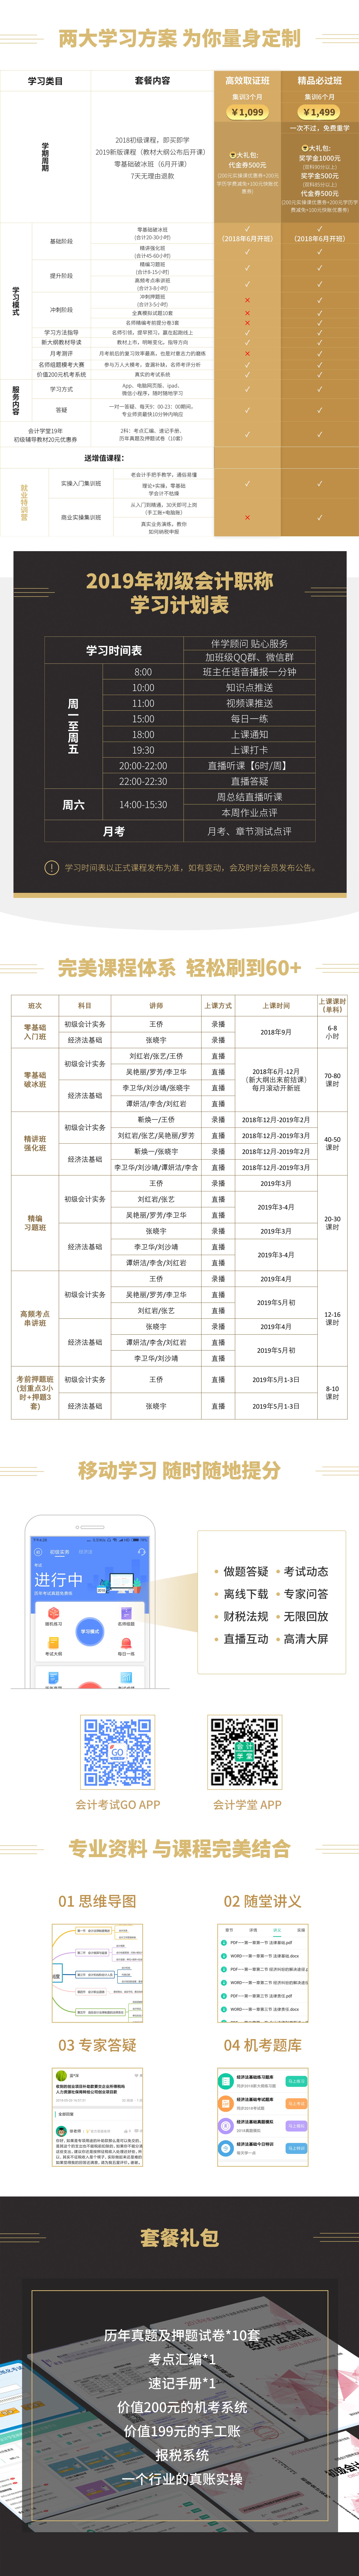 520長圖-安連9月12號修改.jpg